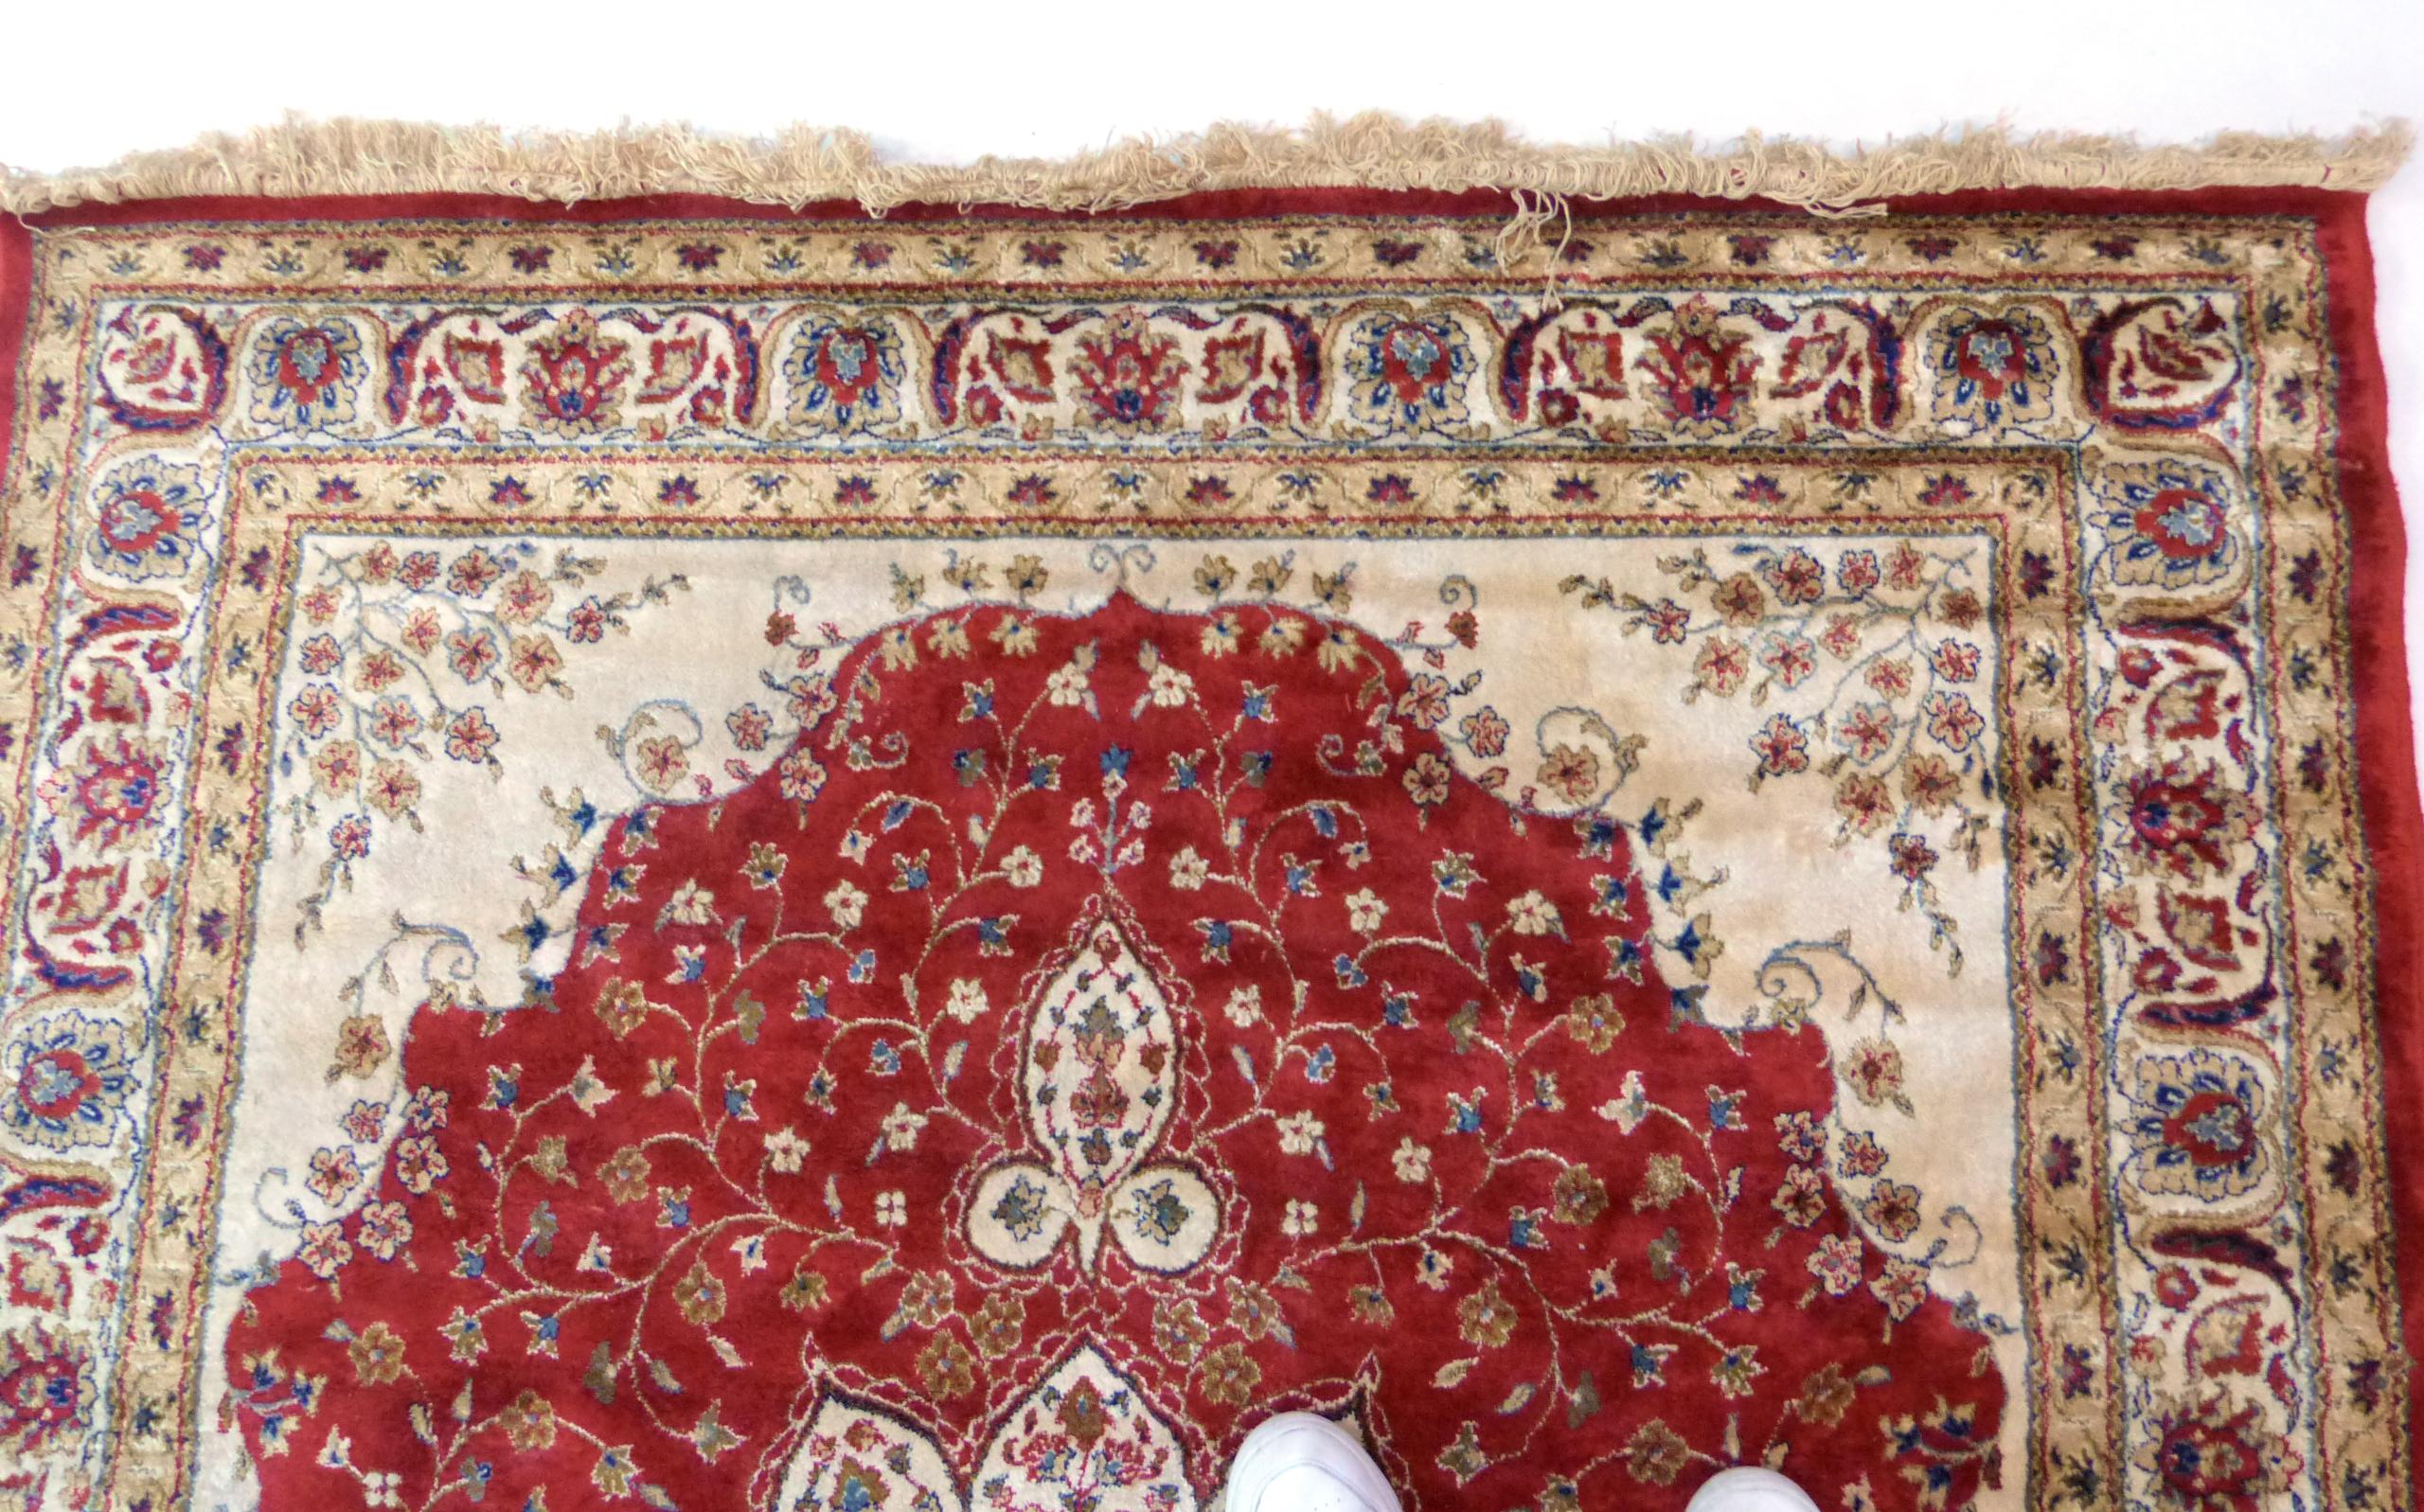 Red ground Kashmir floral medallion design Rug, 240 x 156cm approx - Image 4 of 6